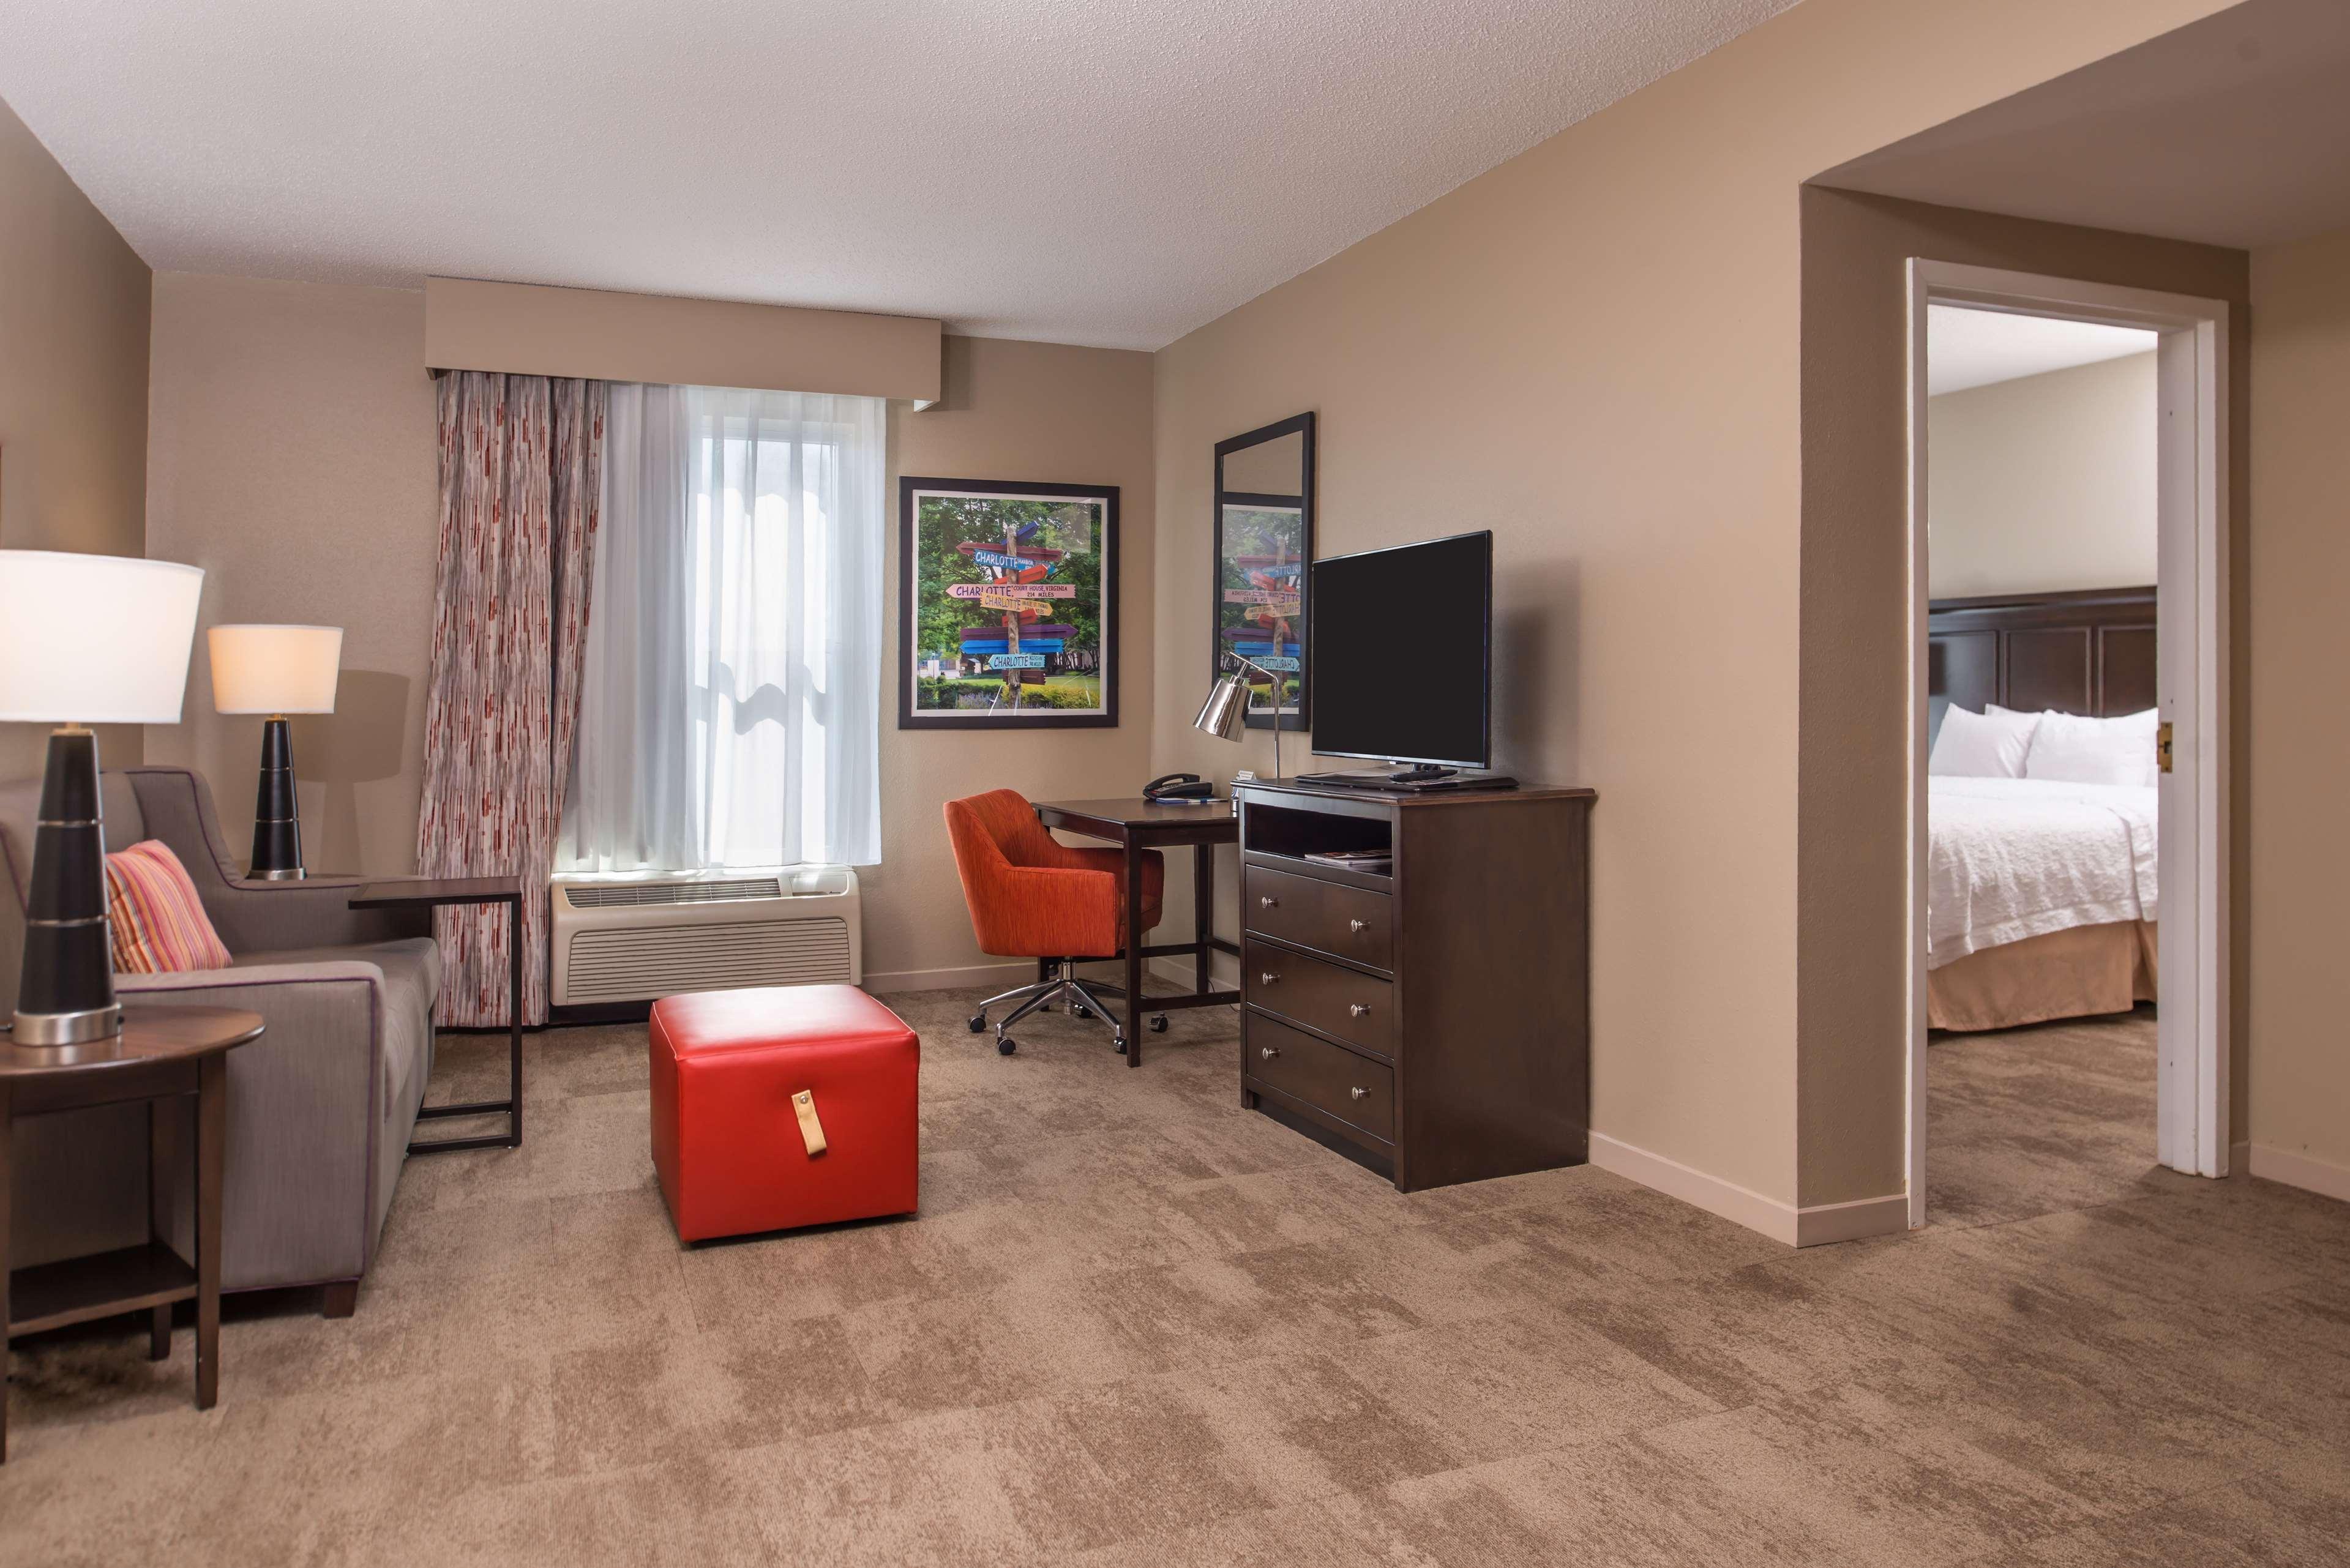 Hampton Inn & Suites Charlotte-Arrowood Rd. image 34